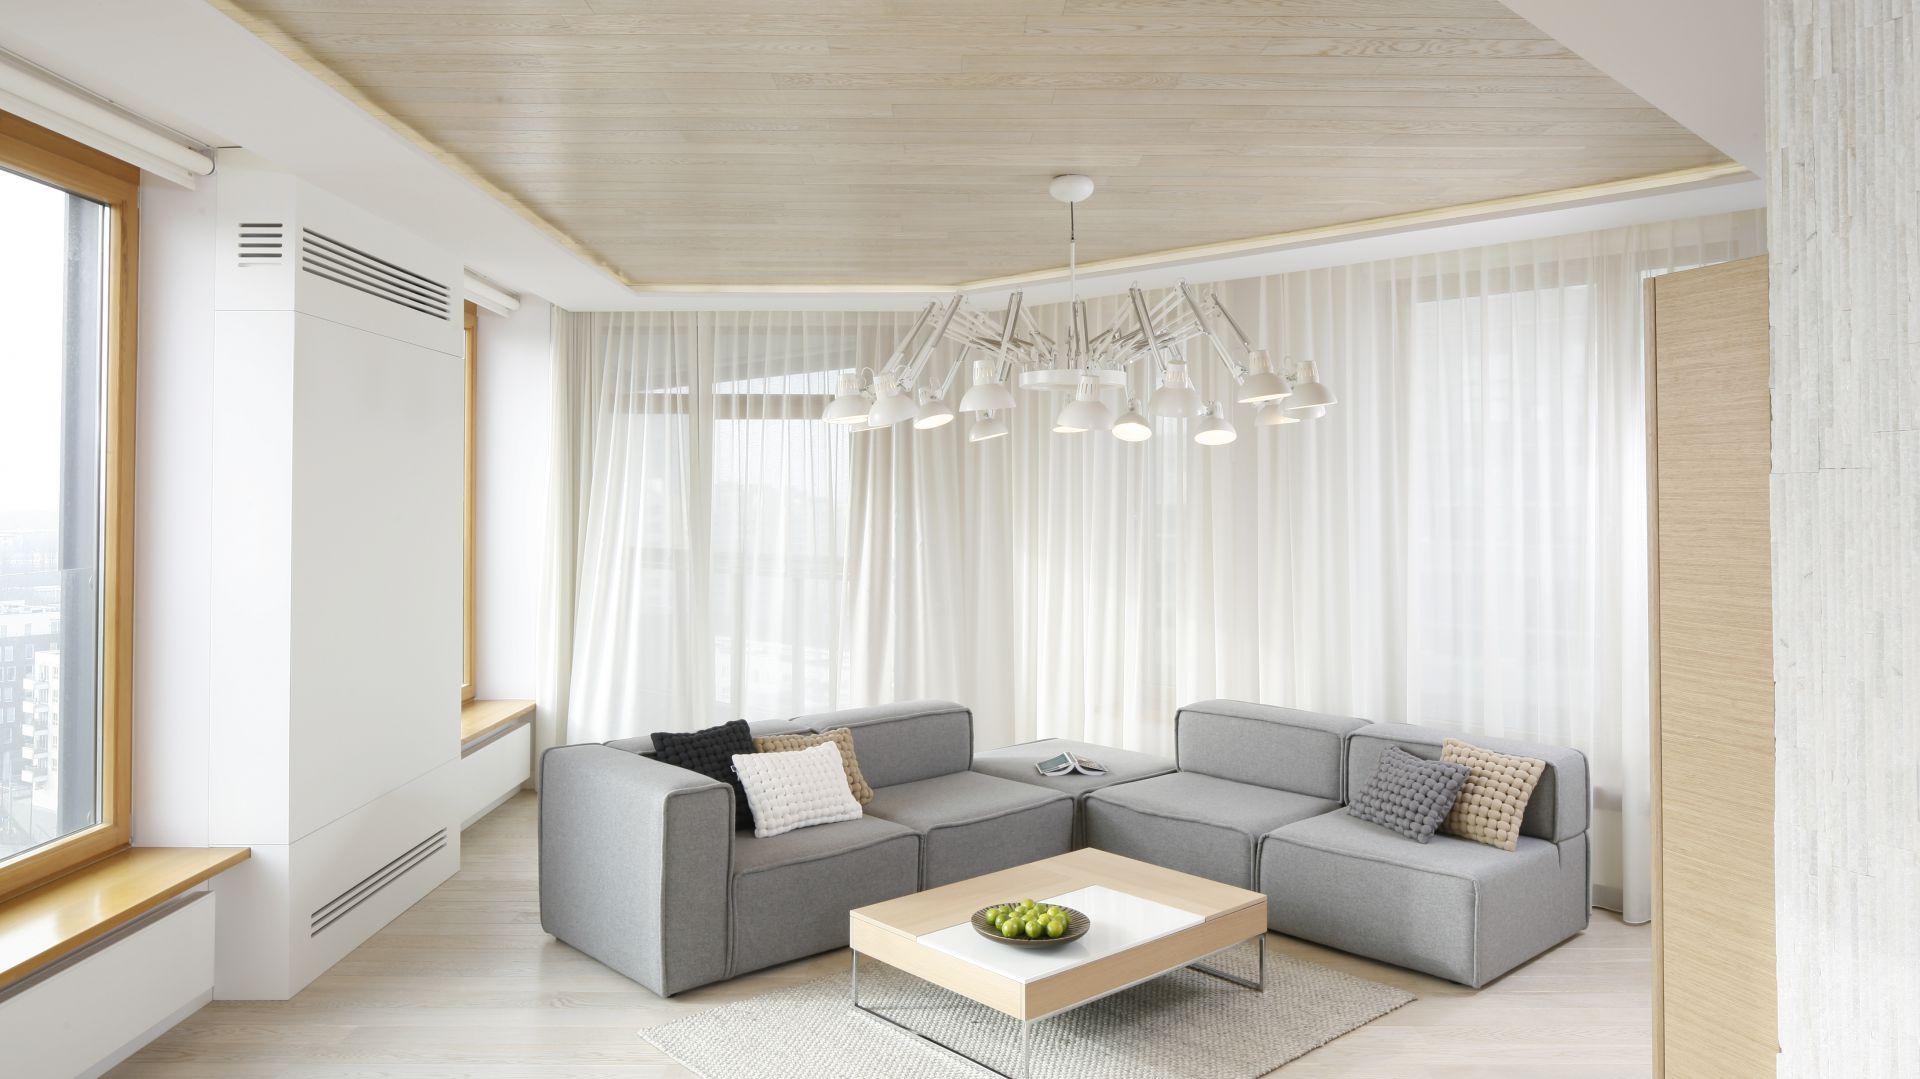 Salon w stylu skandynawskim jest zwykle jasny i bardzo przytulny. Projekt: Maciej Brzostek. Fot. Bartosz Jarosz